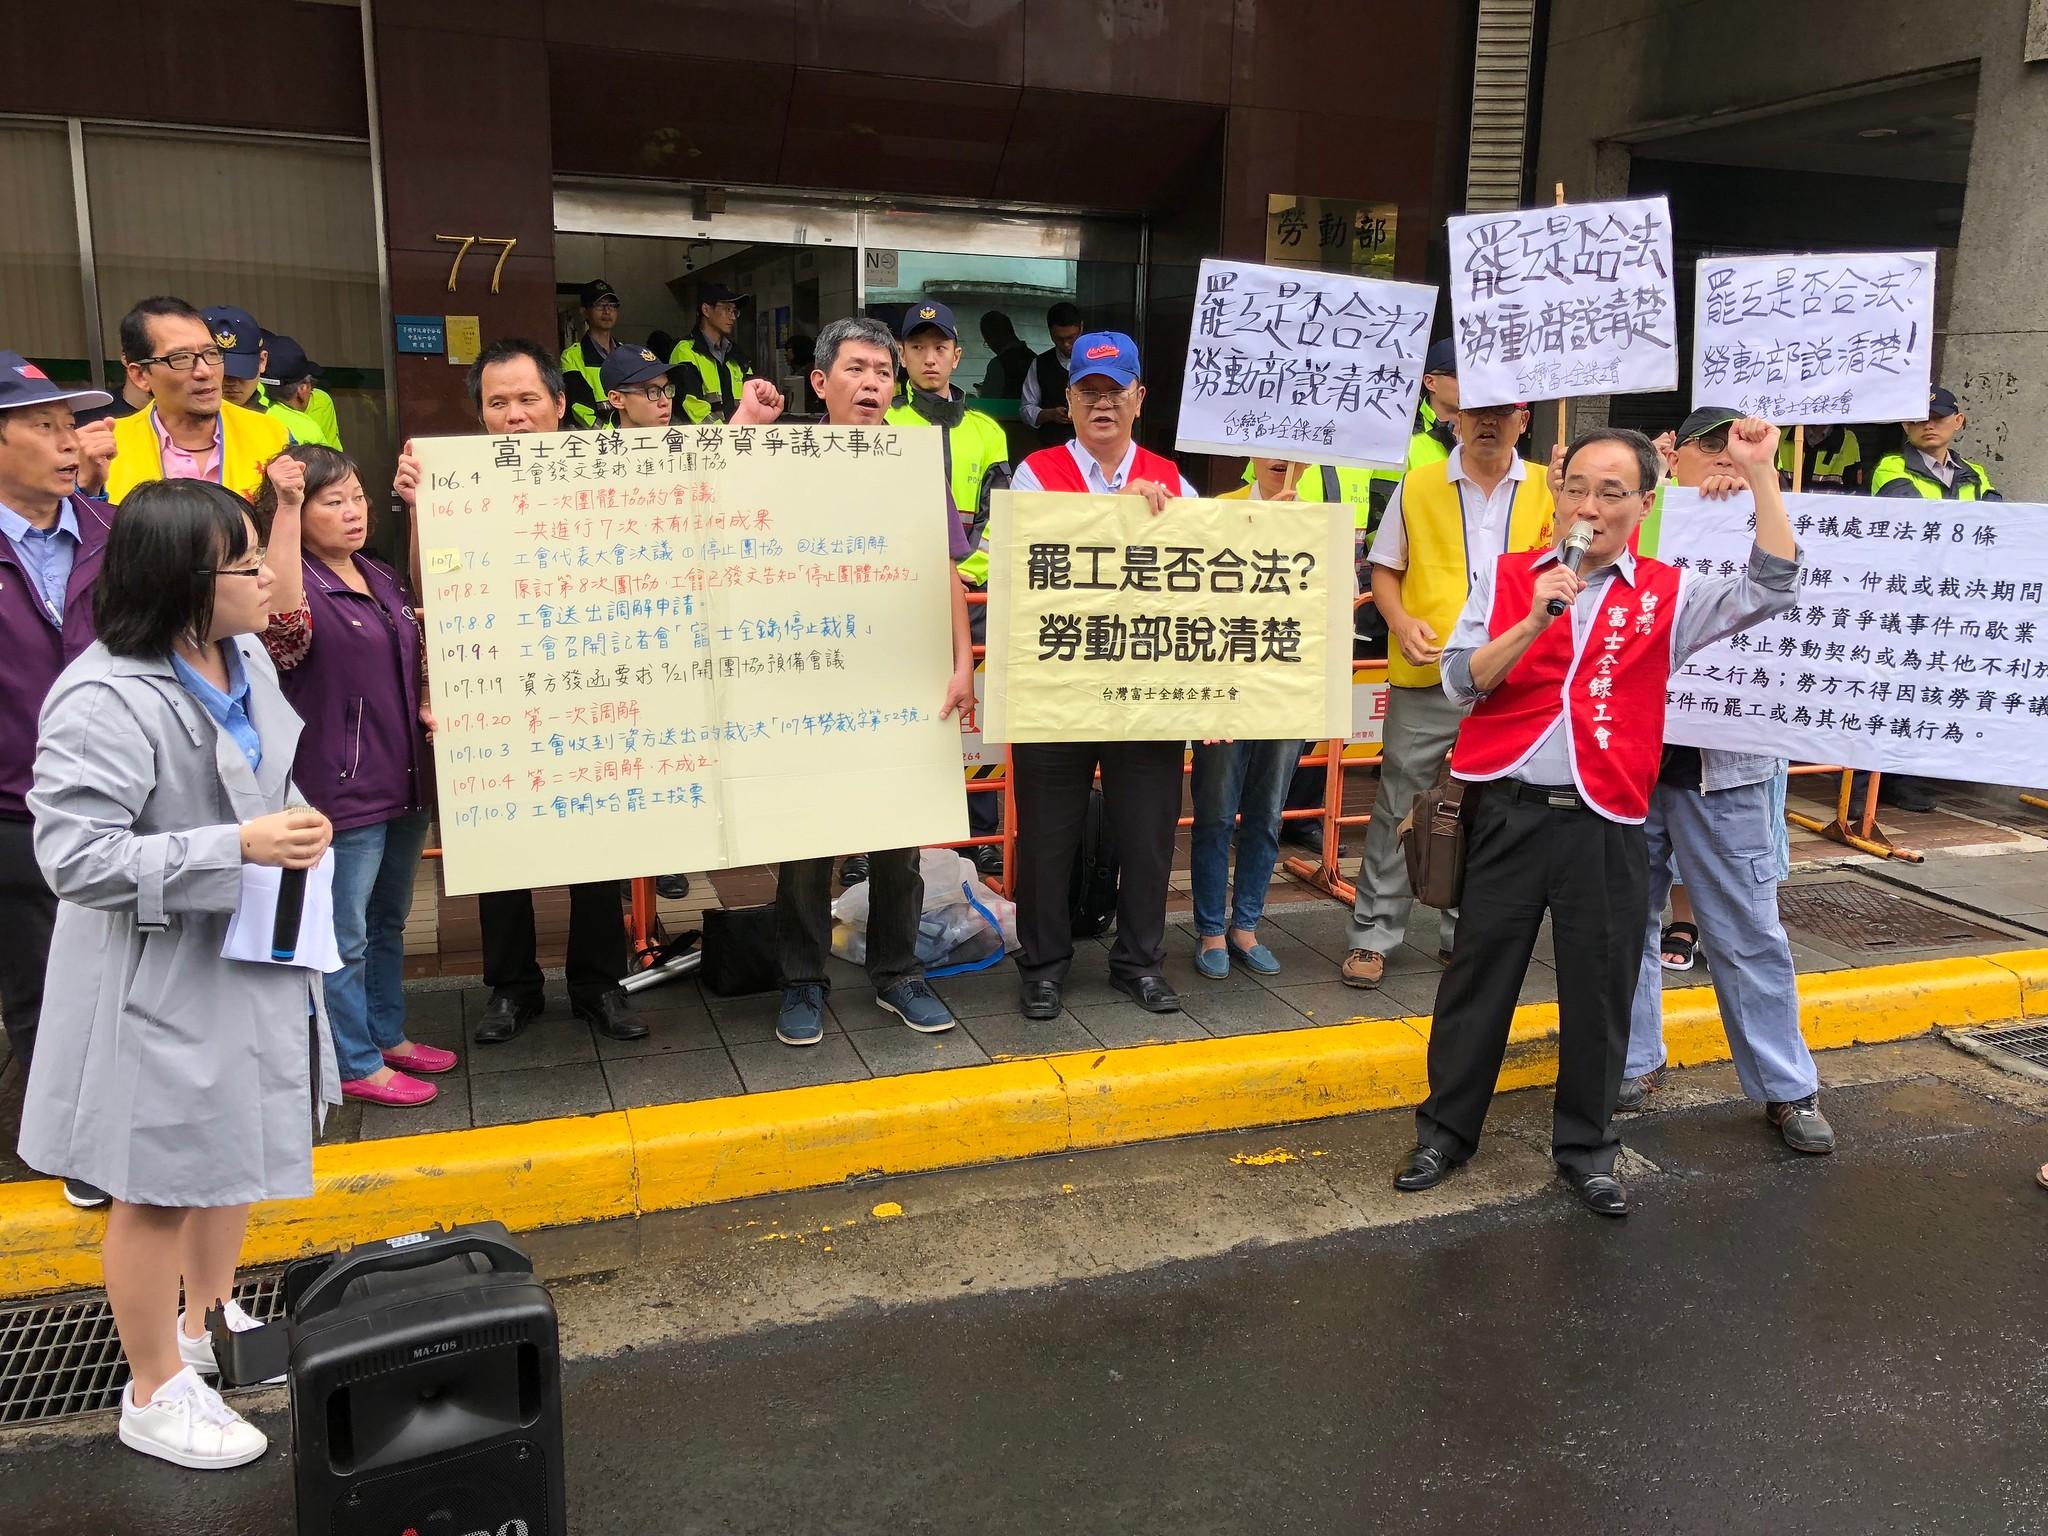 富士全錄正在進行罷工投票,工會今赴勞動部陳情,要求勞動部解釋資方提出裁決是否影響罷工權。(攝影:王顥中)